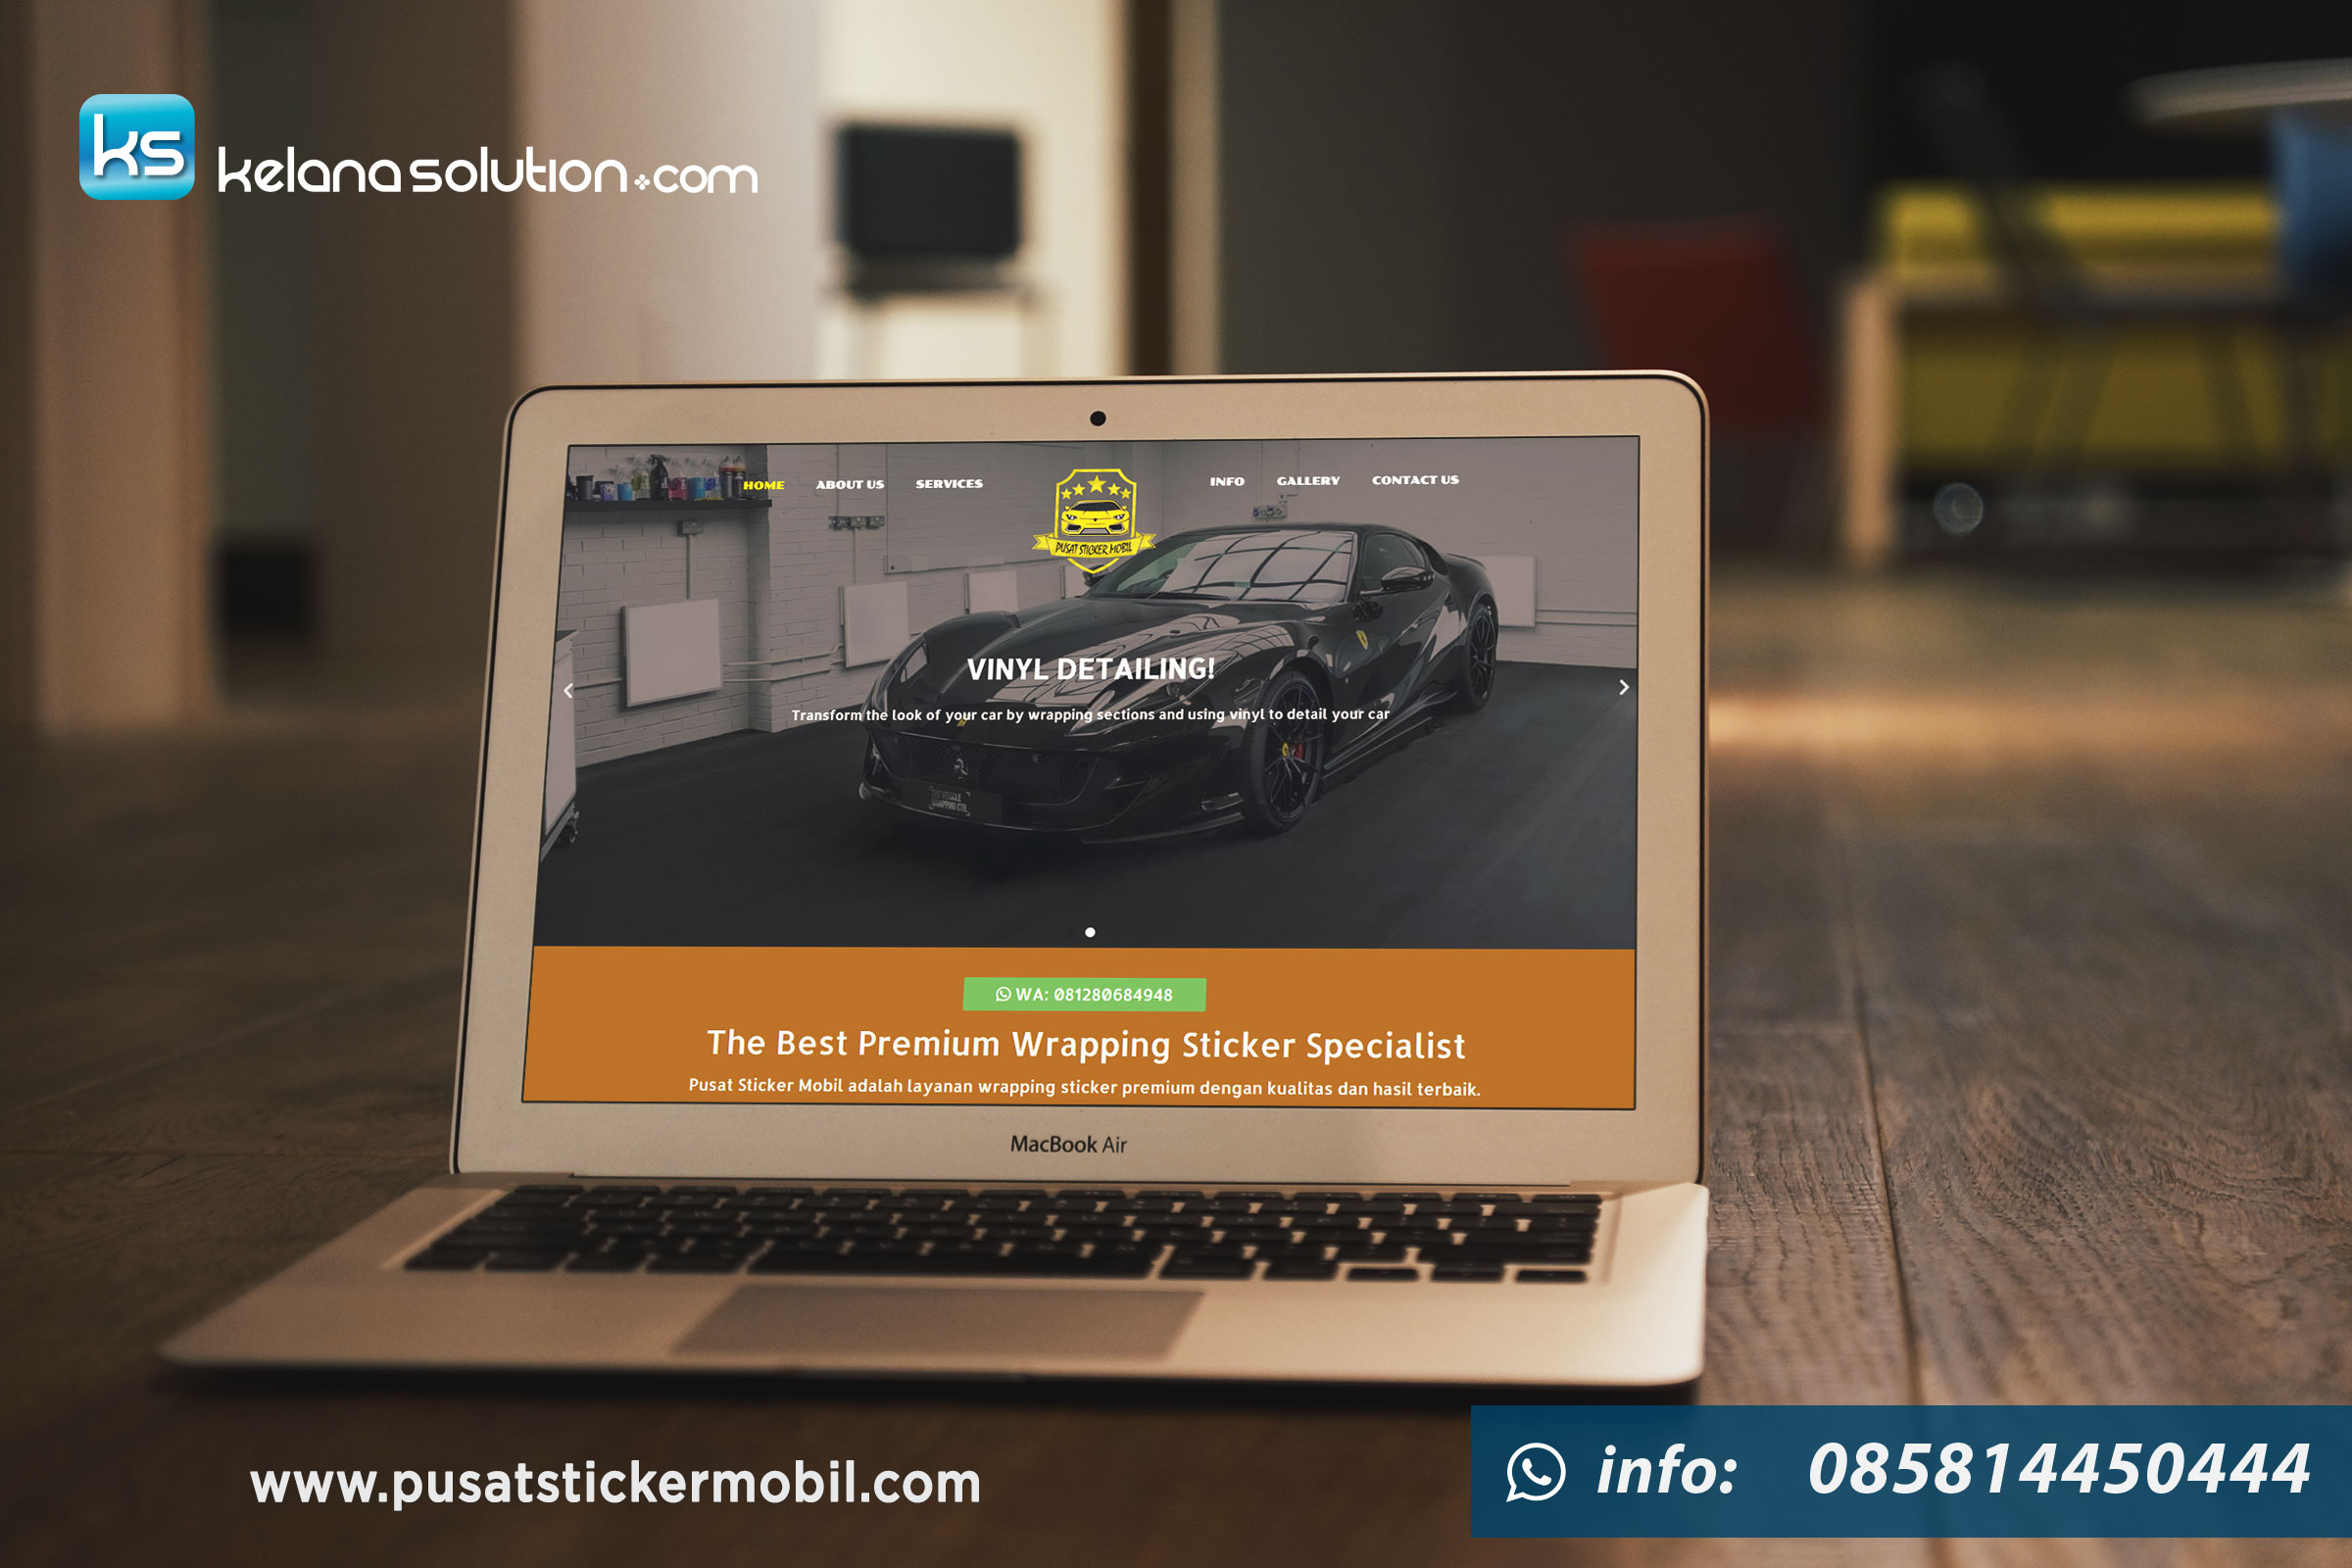 Pusat Sticker Mobil Premium - pusatstickermobil.com